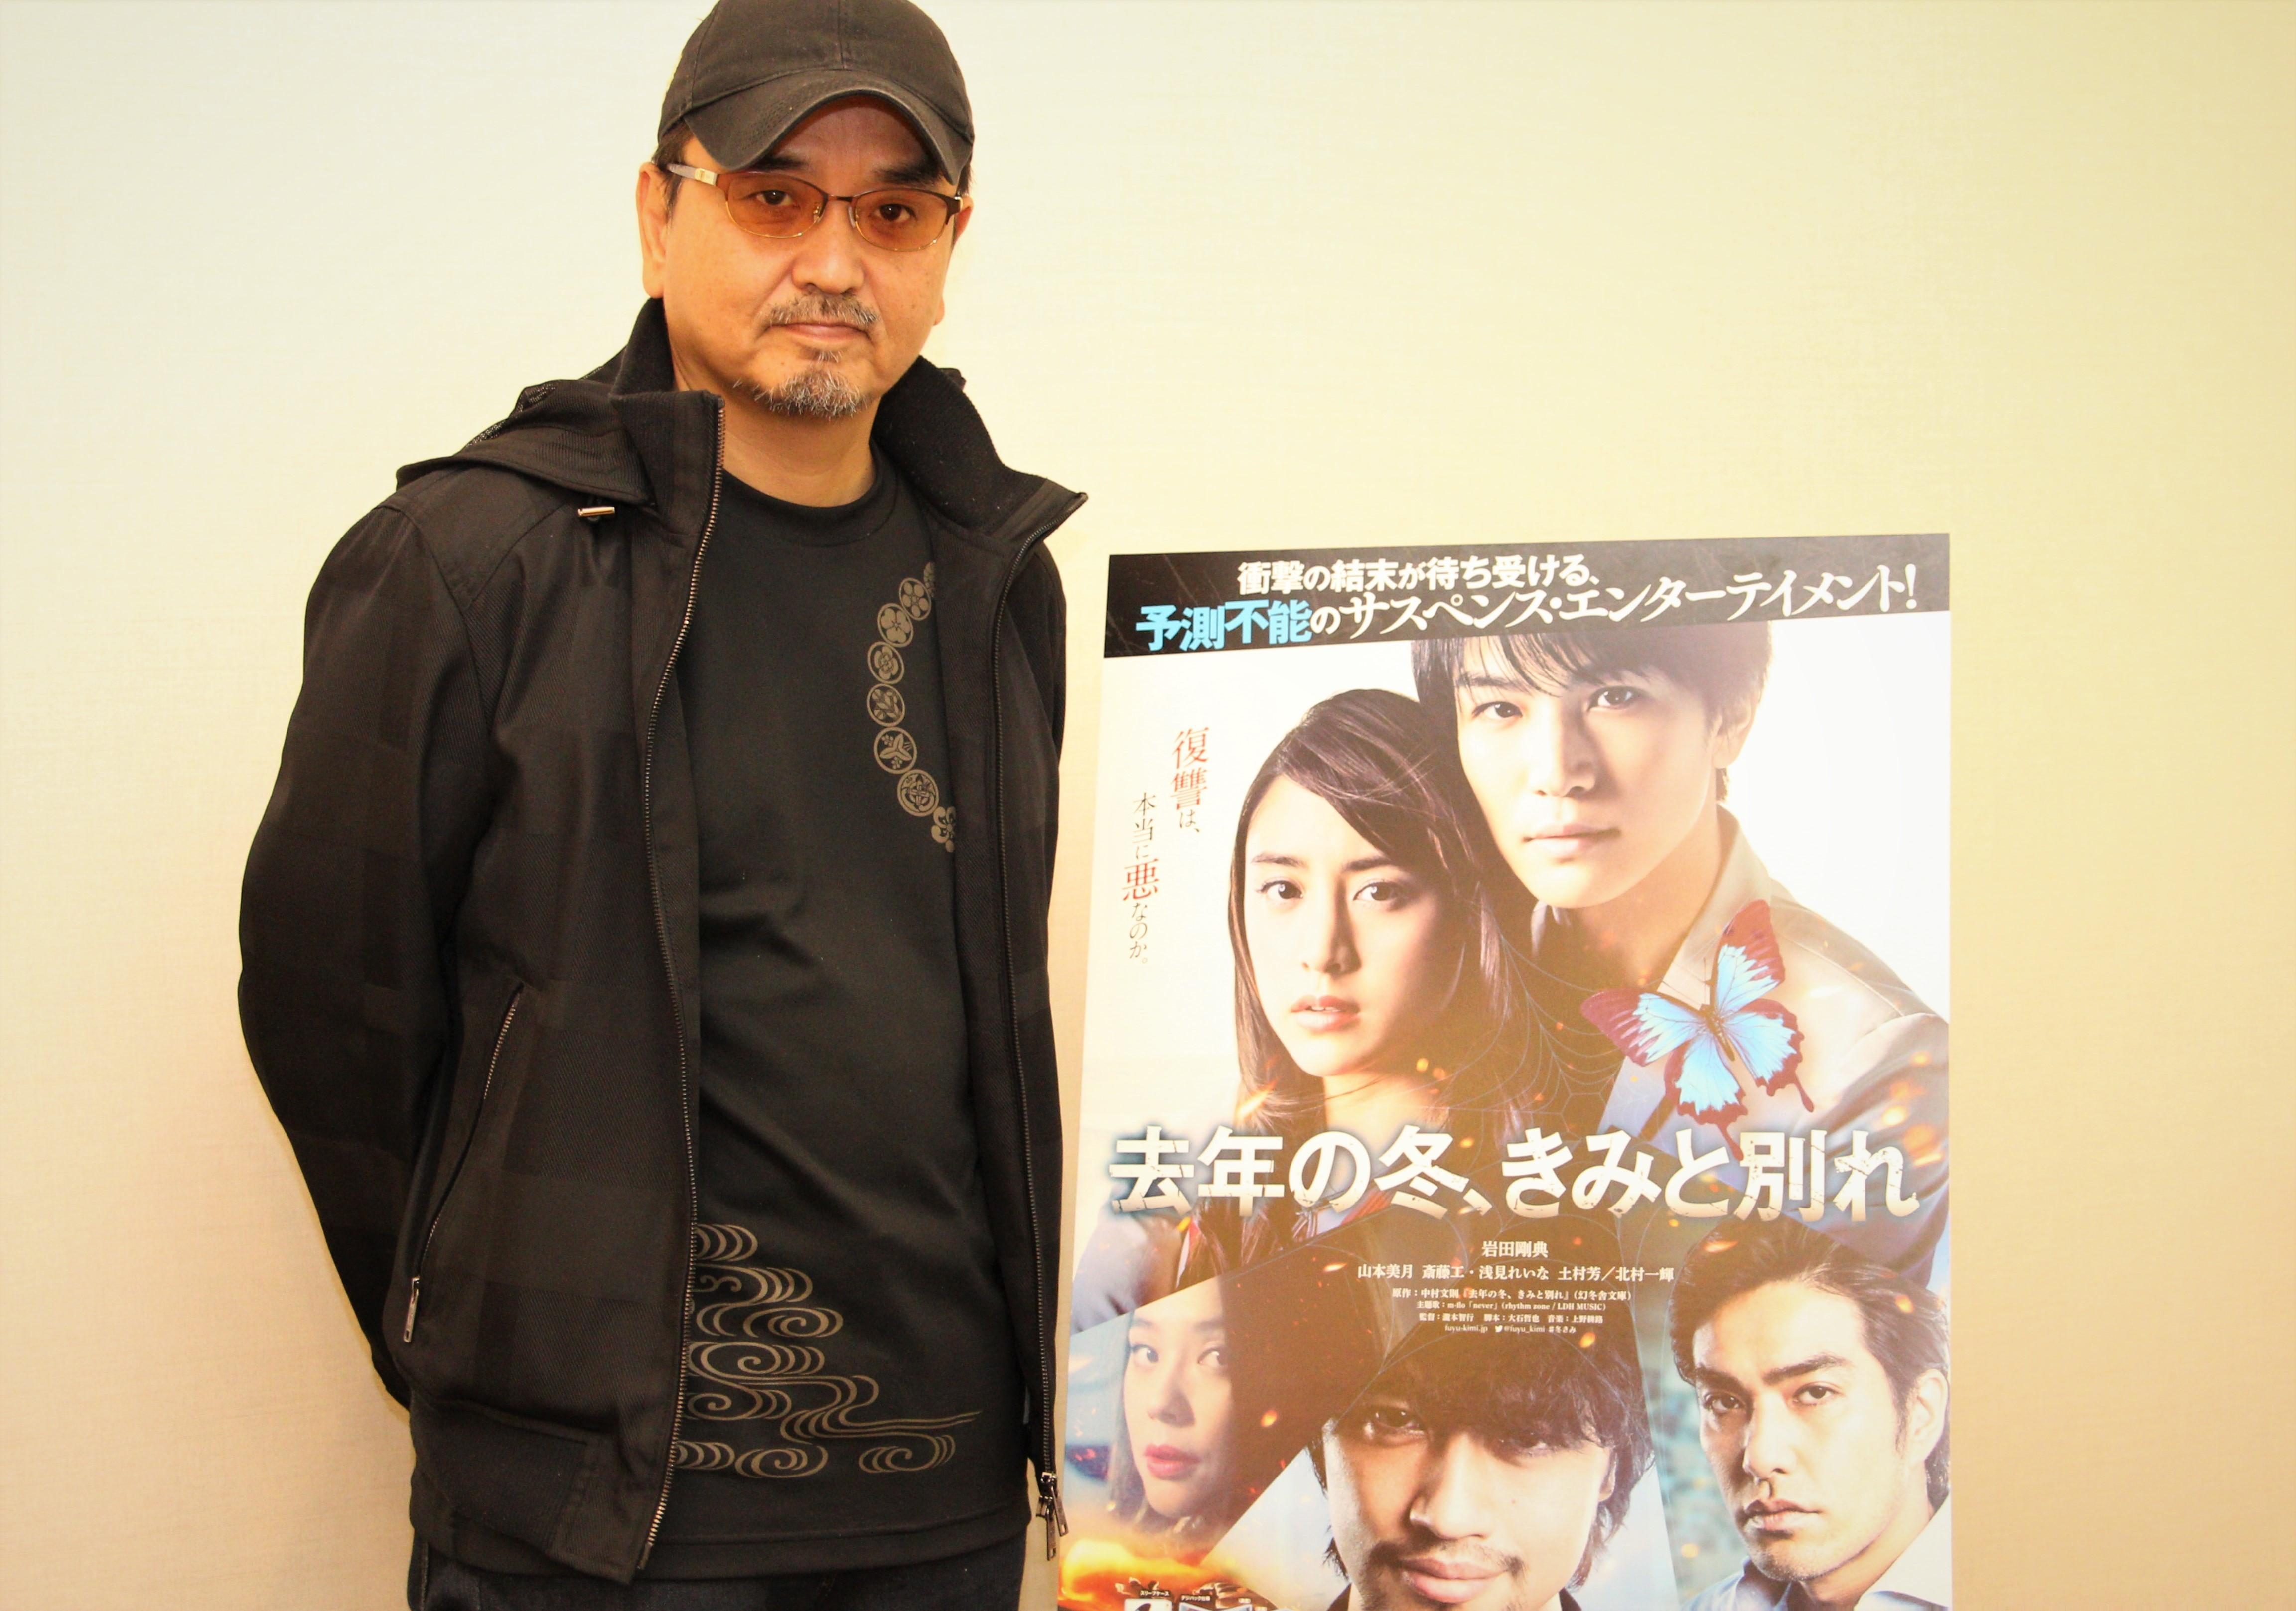 『去年の冬、きみと別れ』瀧本智行監督